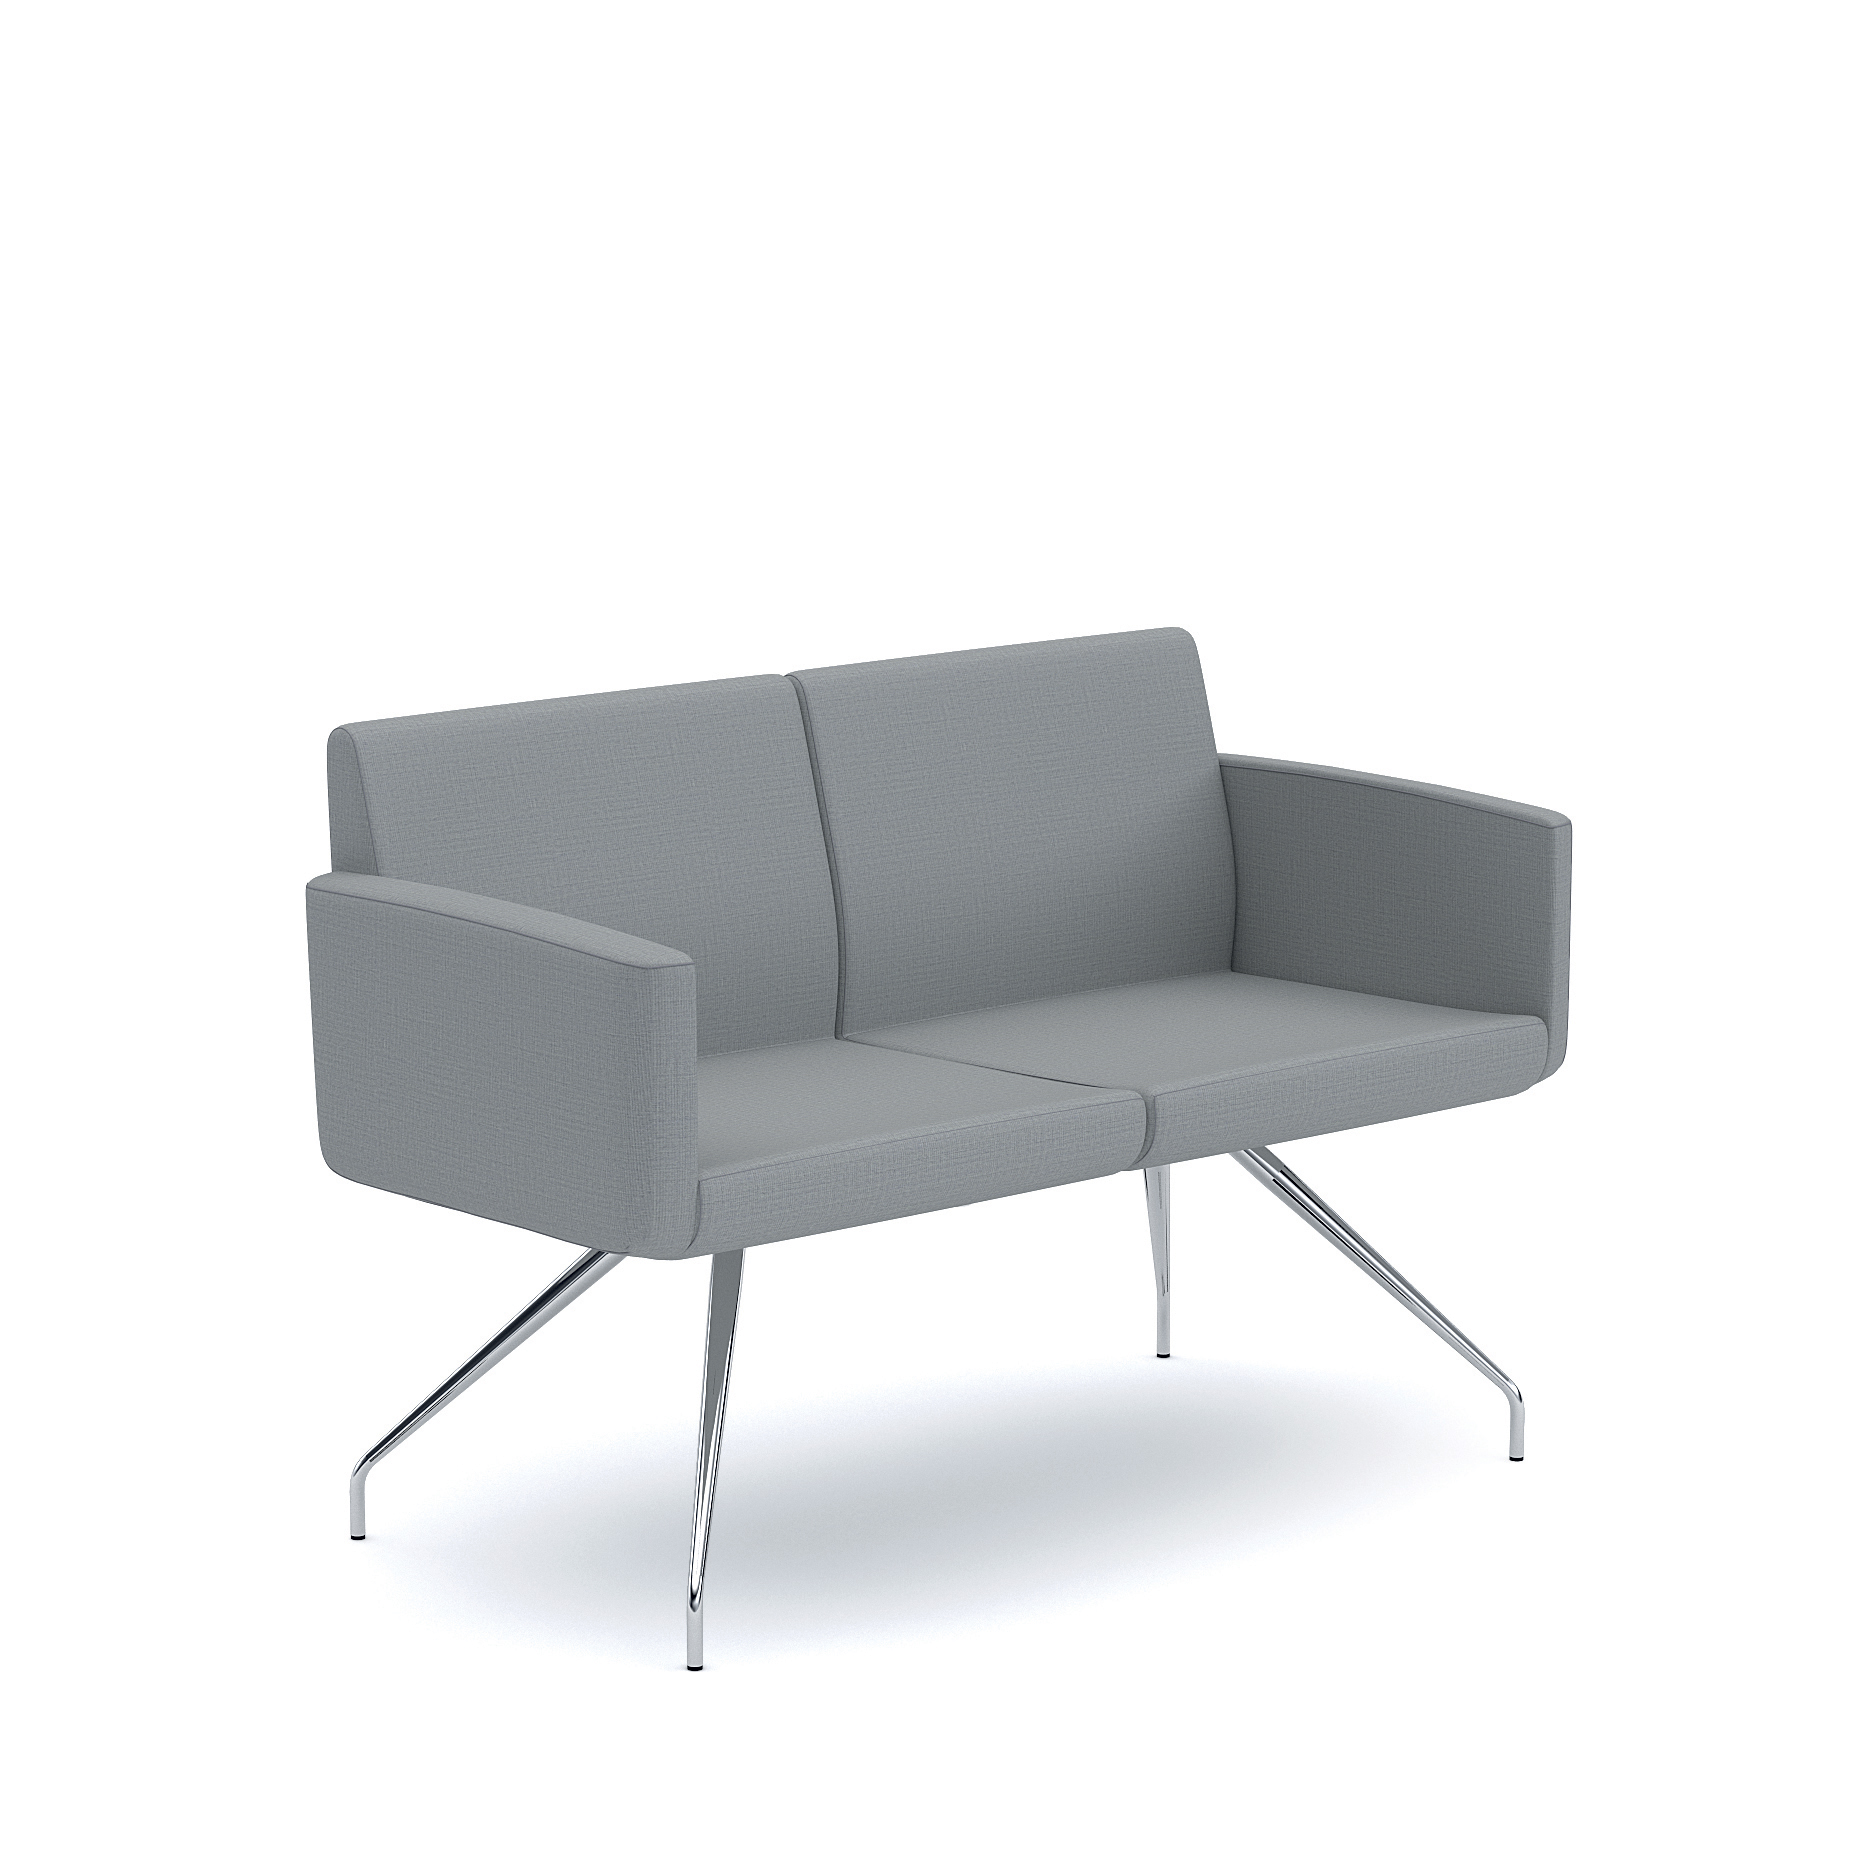 vivia simmis chaises et fauteuils de bureau et collectivit s. Black Bedroom Furniture Sets. Home Design Ideas